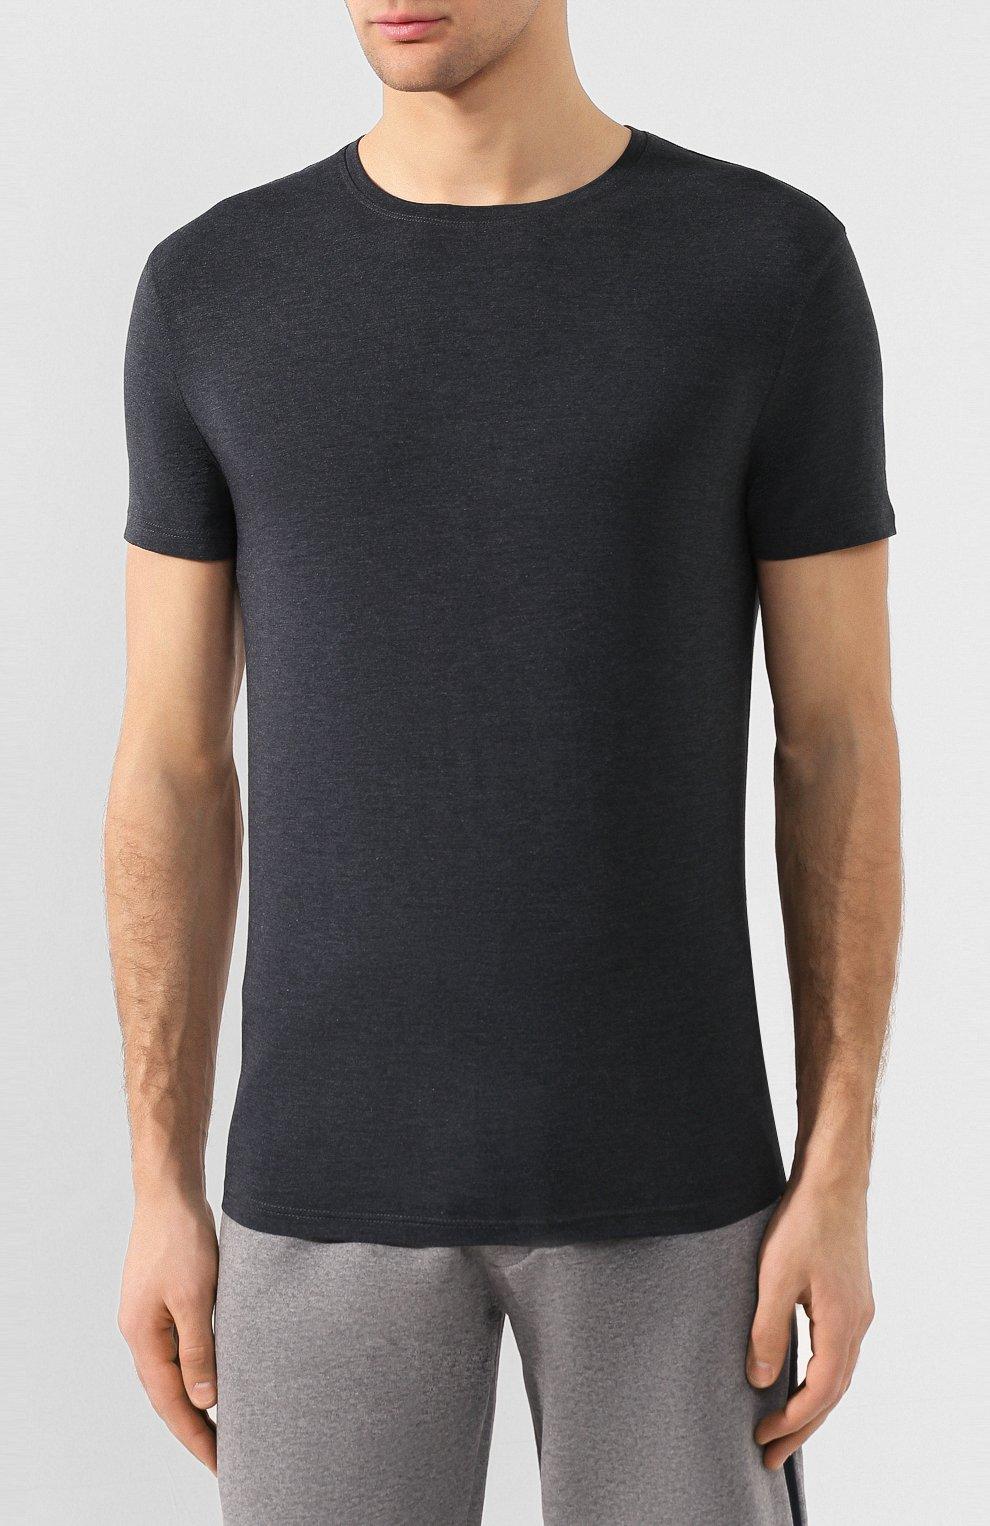 Мужская футболка DEREK ROSE темно-серого цвета, арт. 3048-MARL001   Фото 3 (Кросс-КТ: домашняя одежда; Рукава: Короткие; Материал внешний: Синтетический материал; Длина (для топов): Стандартные; Мужское Кросс-КТ: Футболка-белье; Статус проверки: Проверена категория)